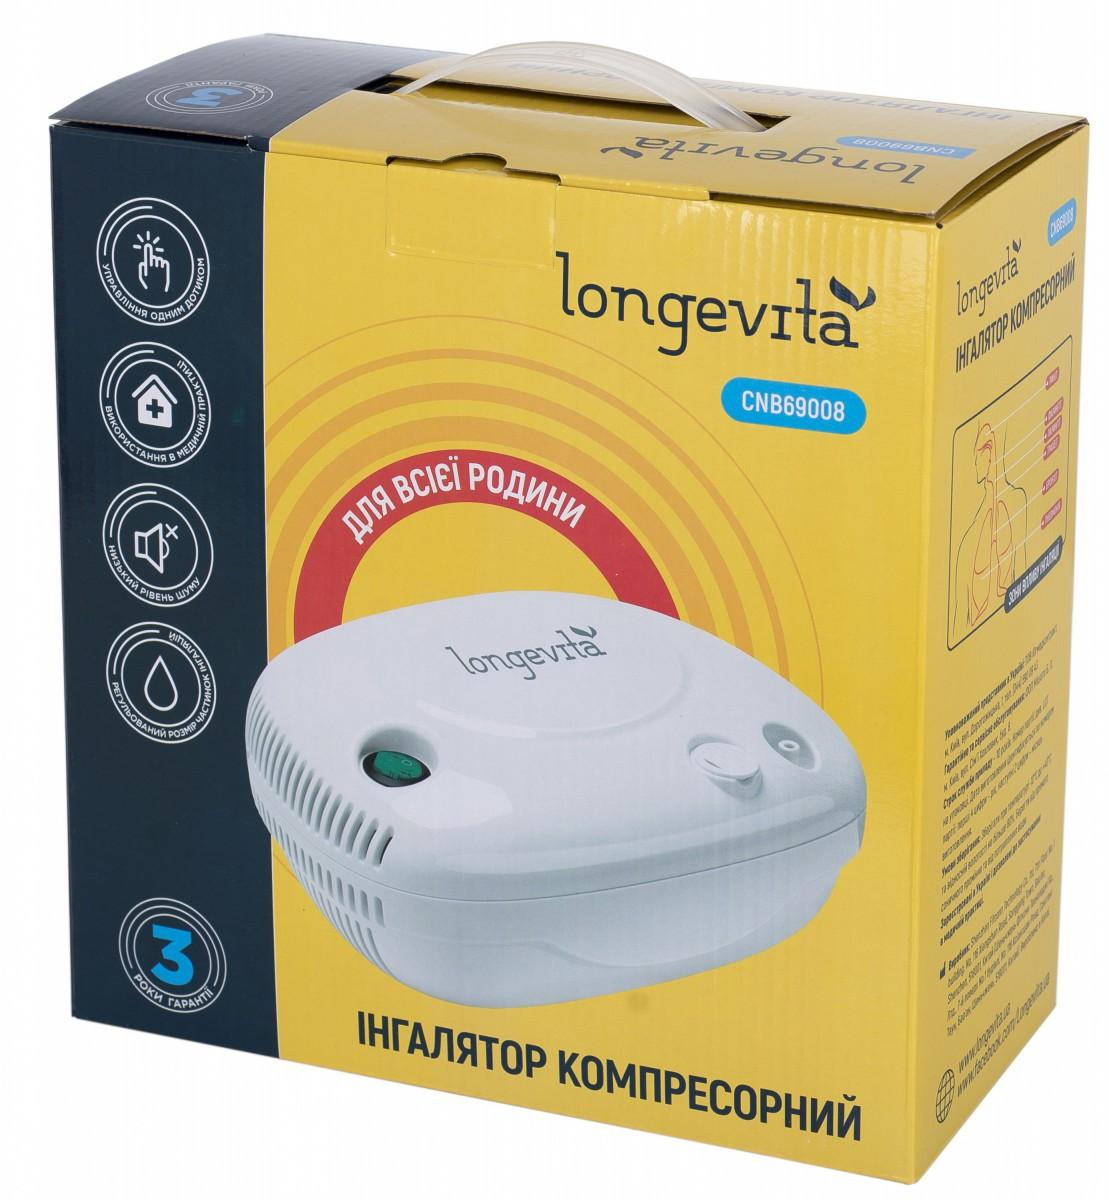 Інгалятор компресорний Longevita CNB69008